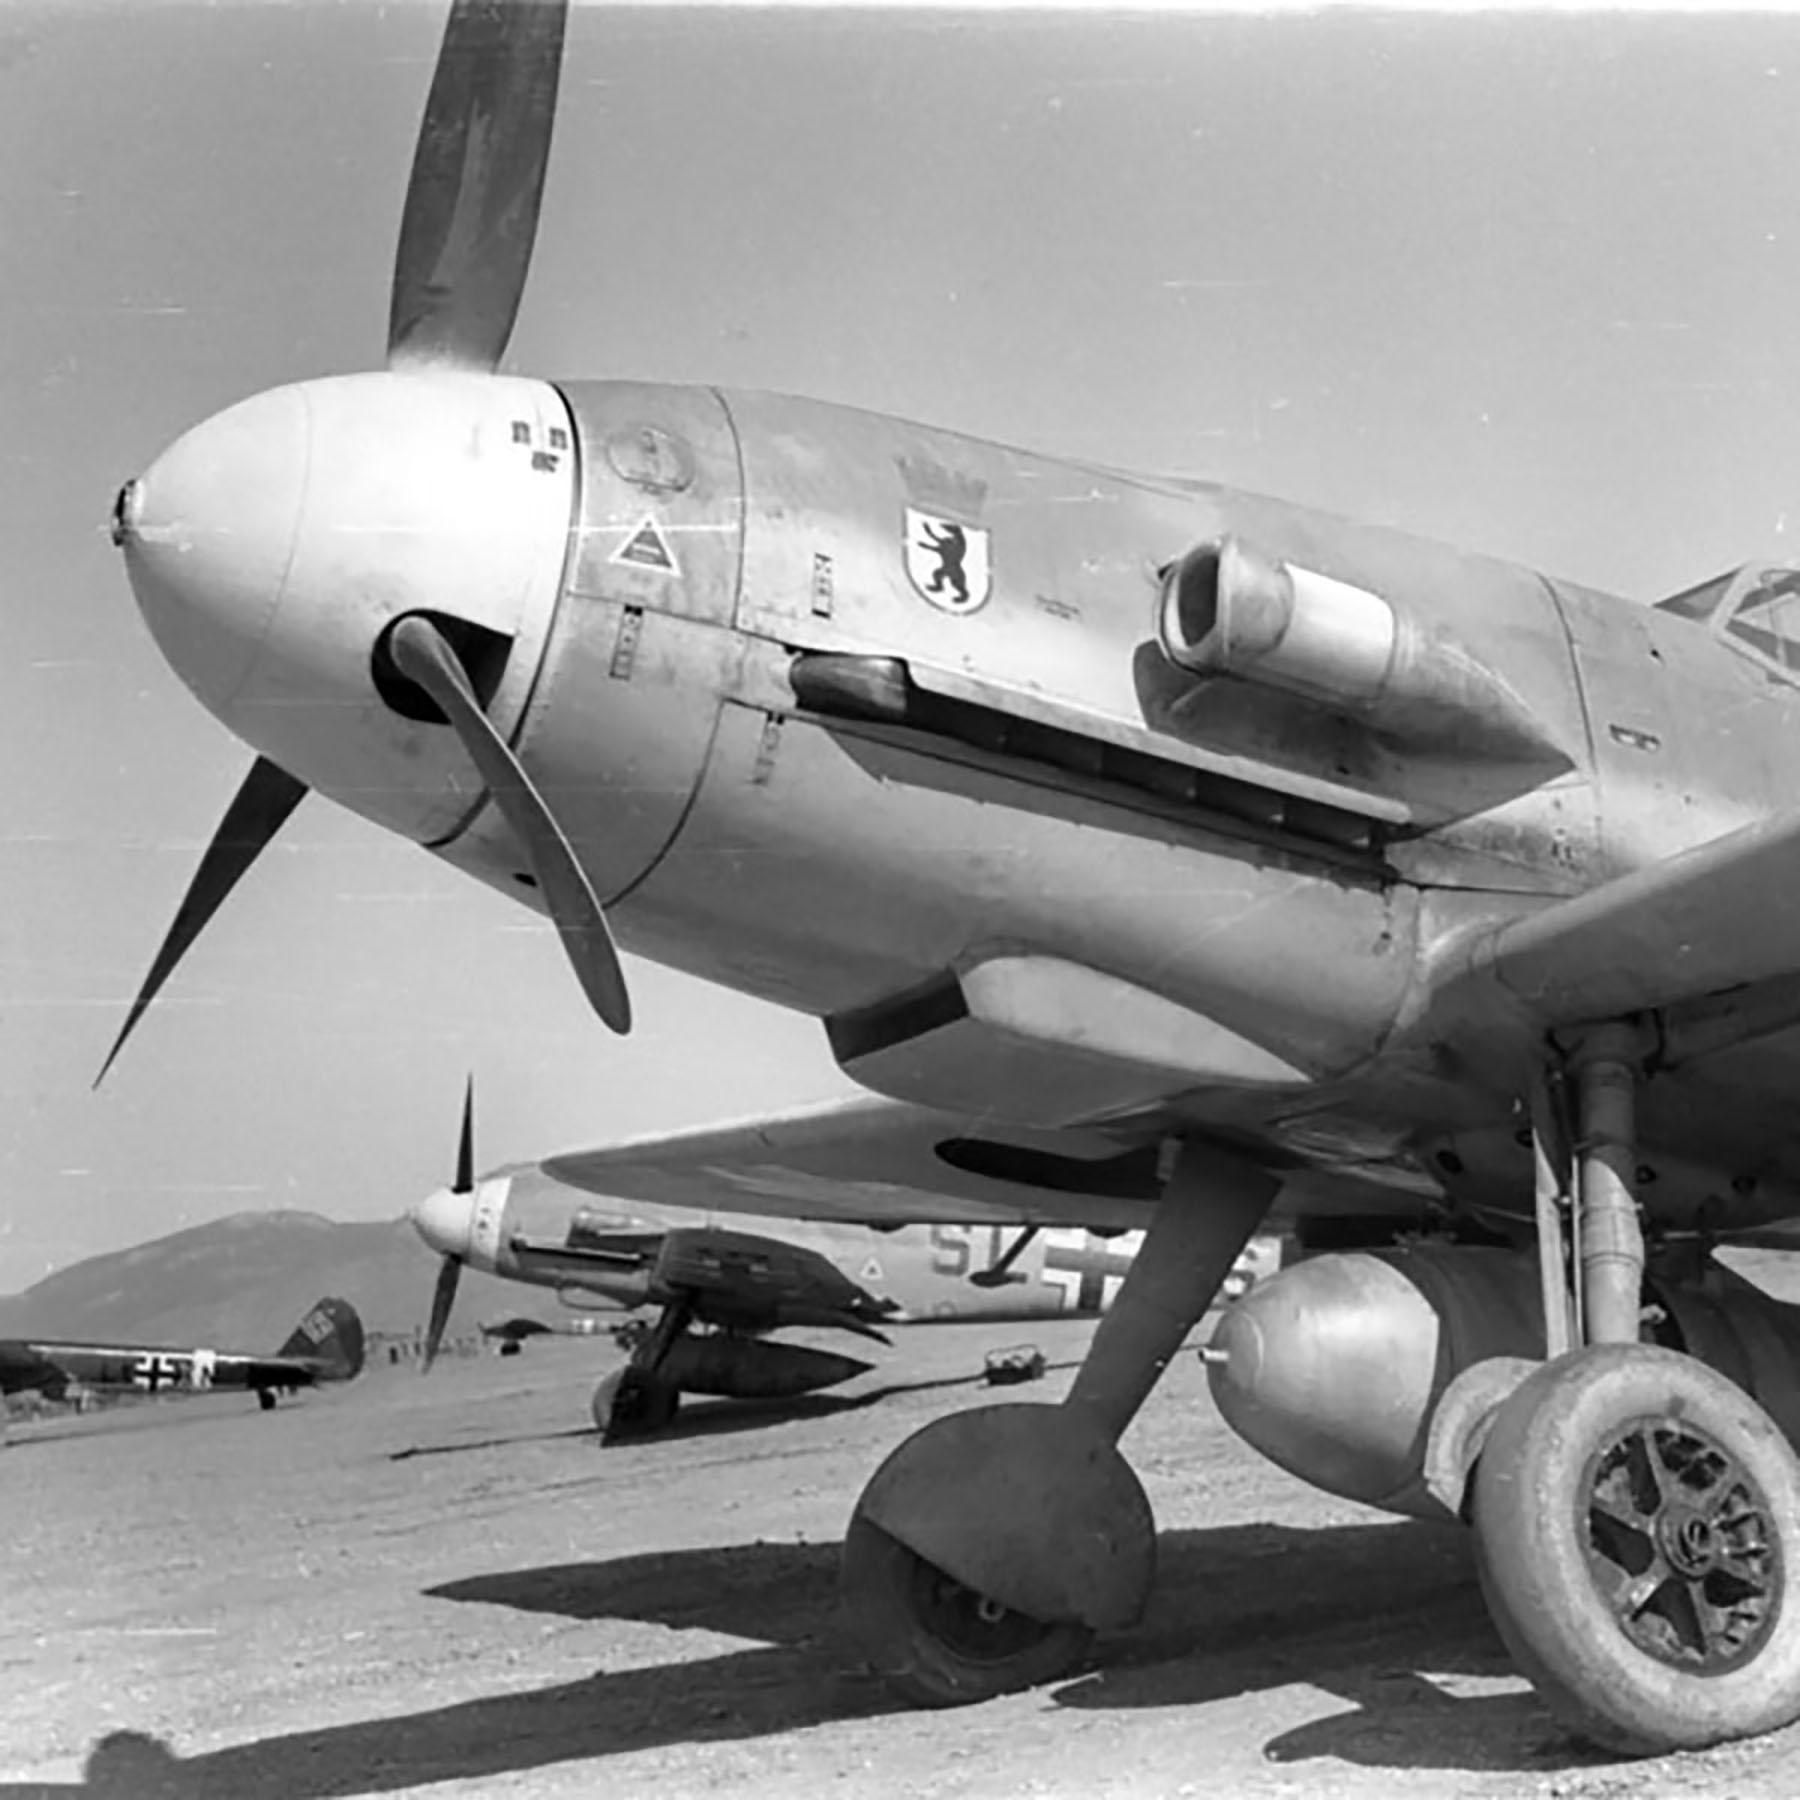 Messerschmitt Bf 109F4Trop II.JG27 a newly arrived batch of aircraft North Africa 01